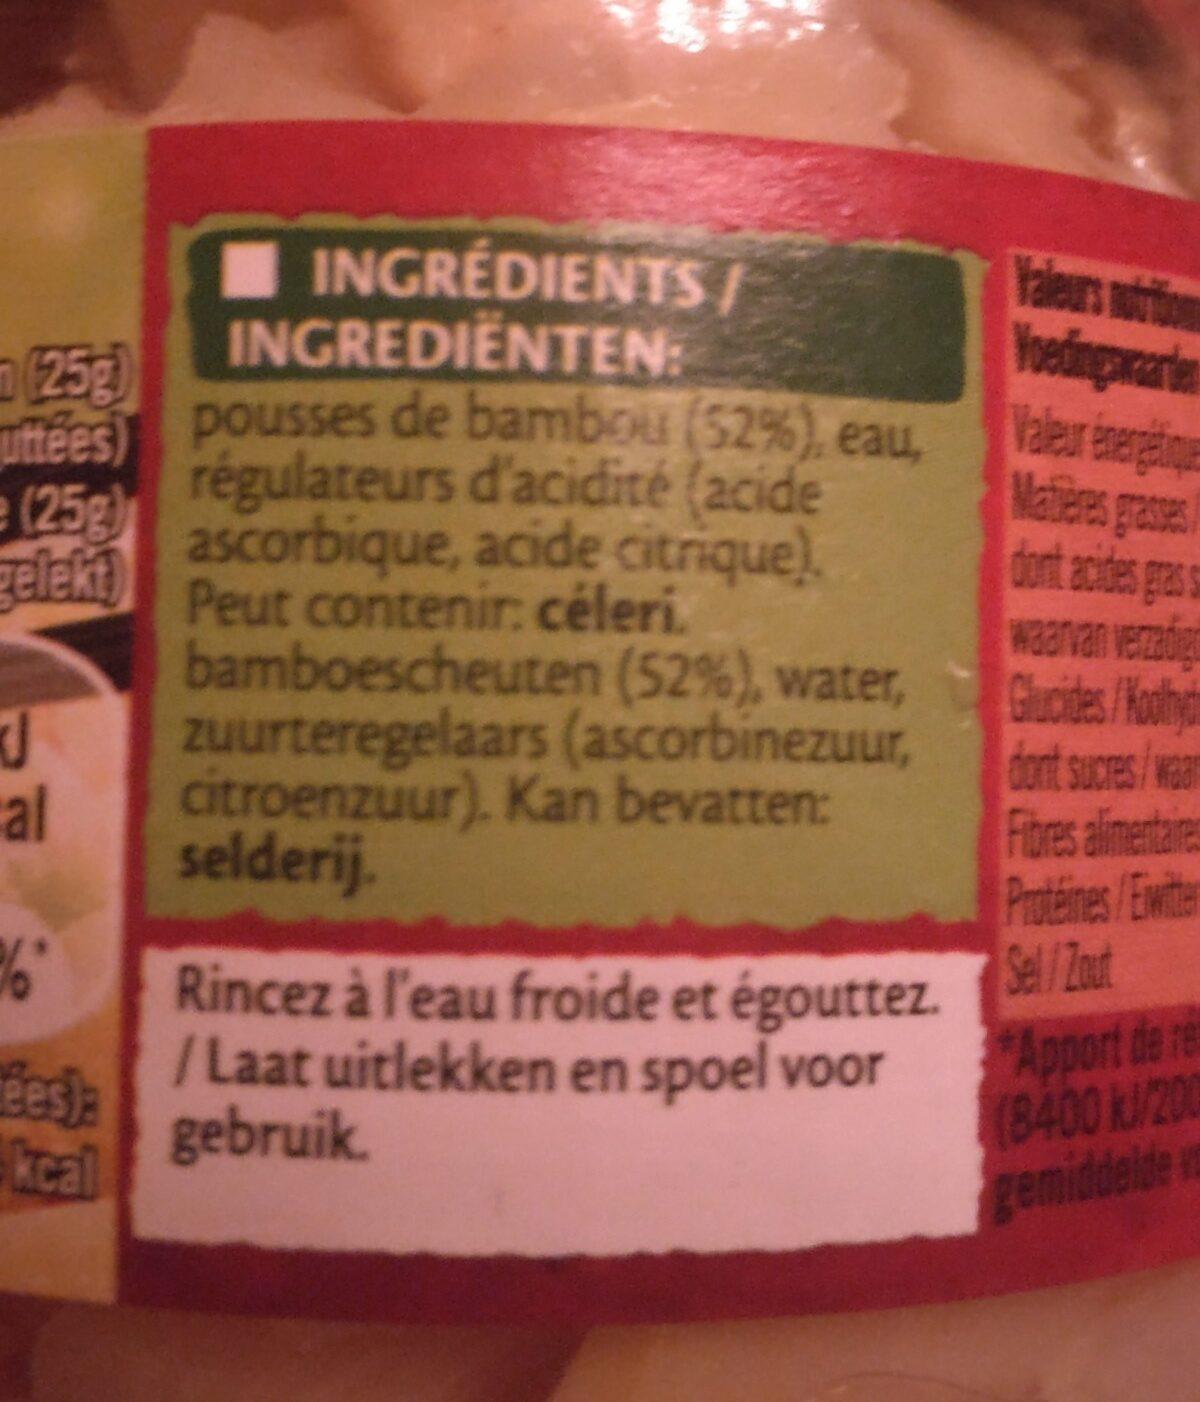 Pousses de bambou - Ingredients